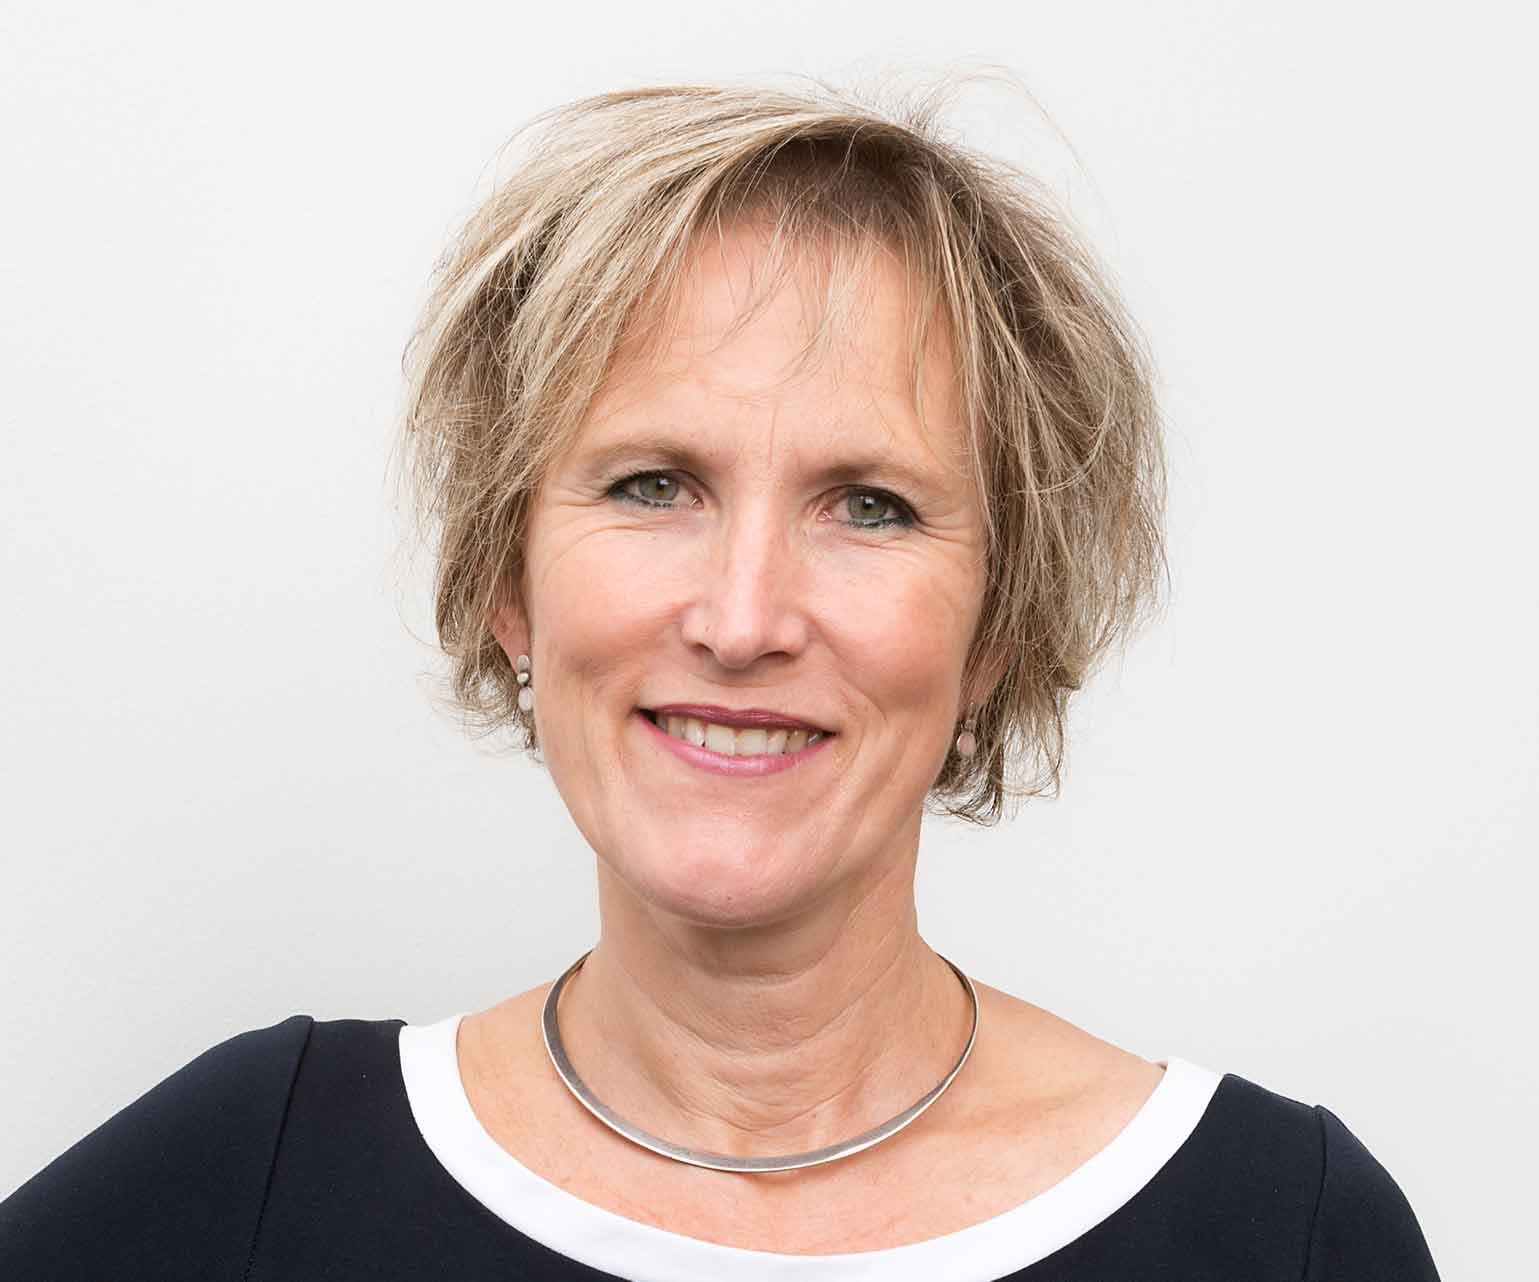 Astrid Schut